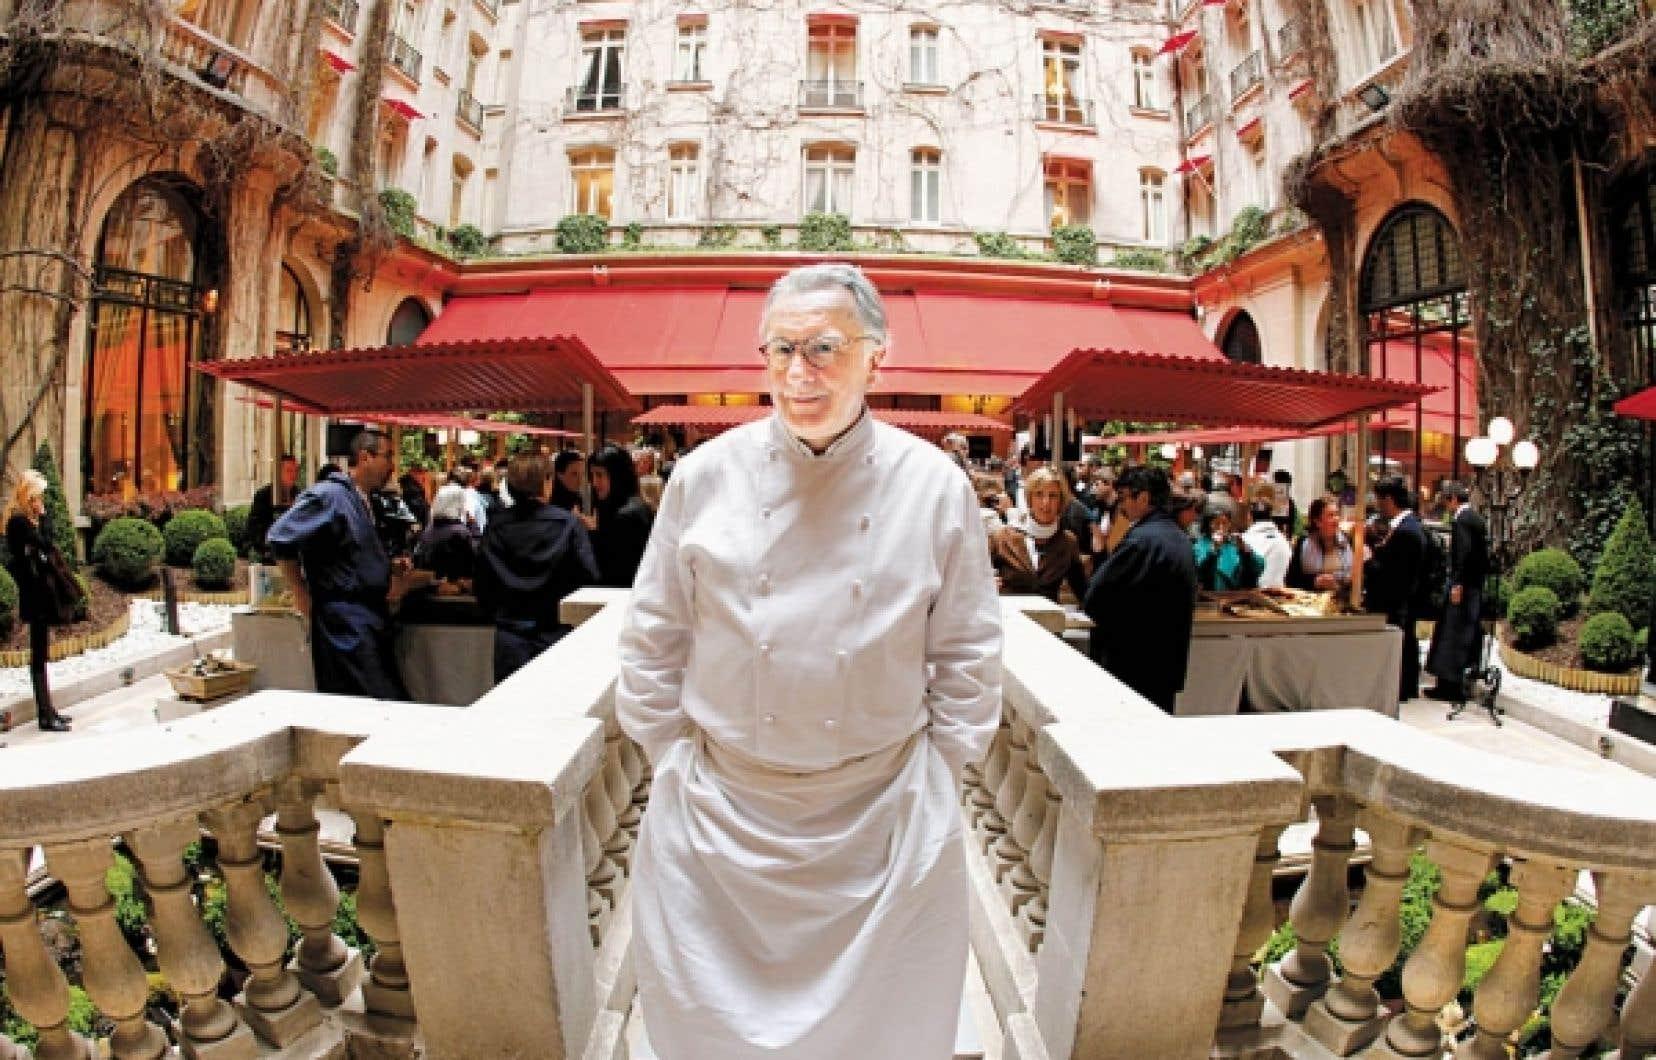 Au c&oelig;ur d&rsquo;une multinationale prosp&egrave;re, le chef&nbsp; Alain Ducasse est consid&eacute;r&eacute; par le magazine am&eacute;ricain Forbes comme l&rsquo;une des 100 personnalit&eacute;s les plus influentes dans le monde. <br />